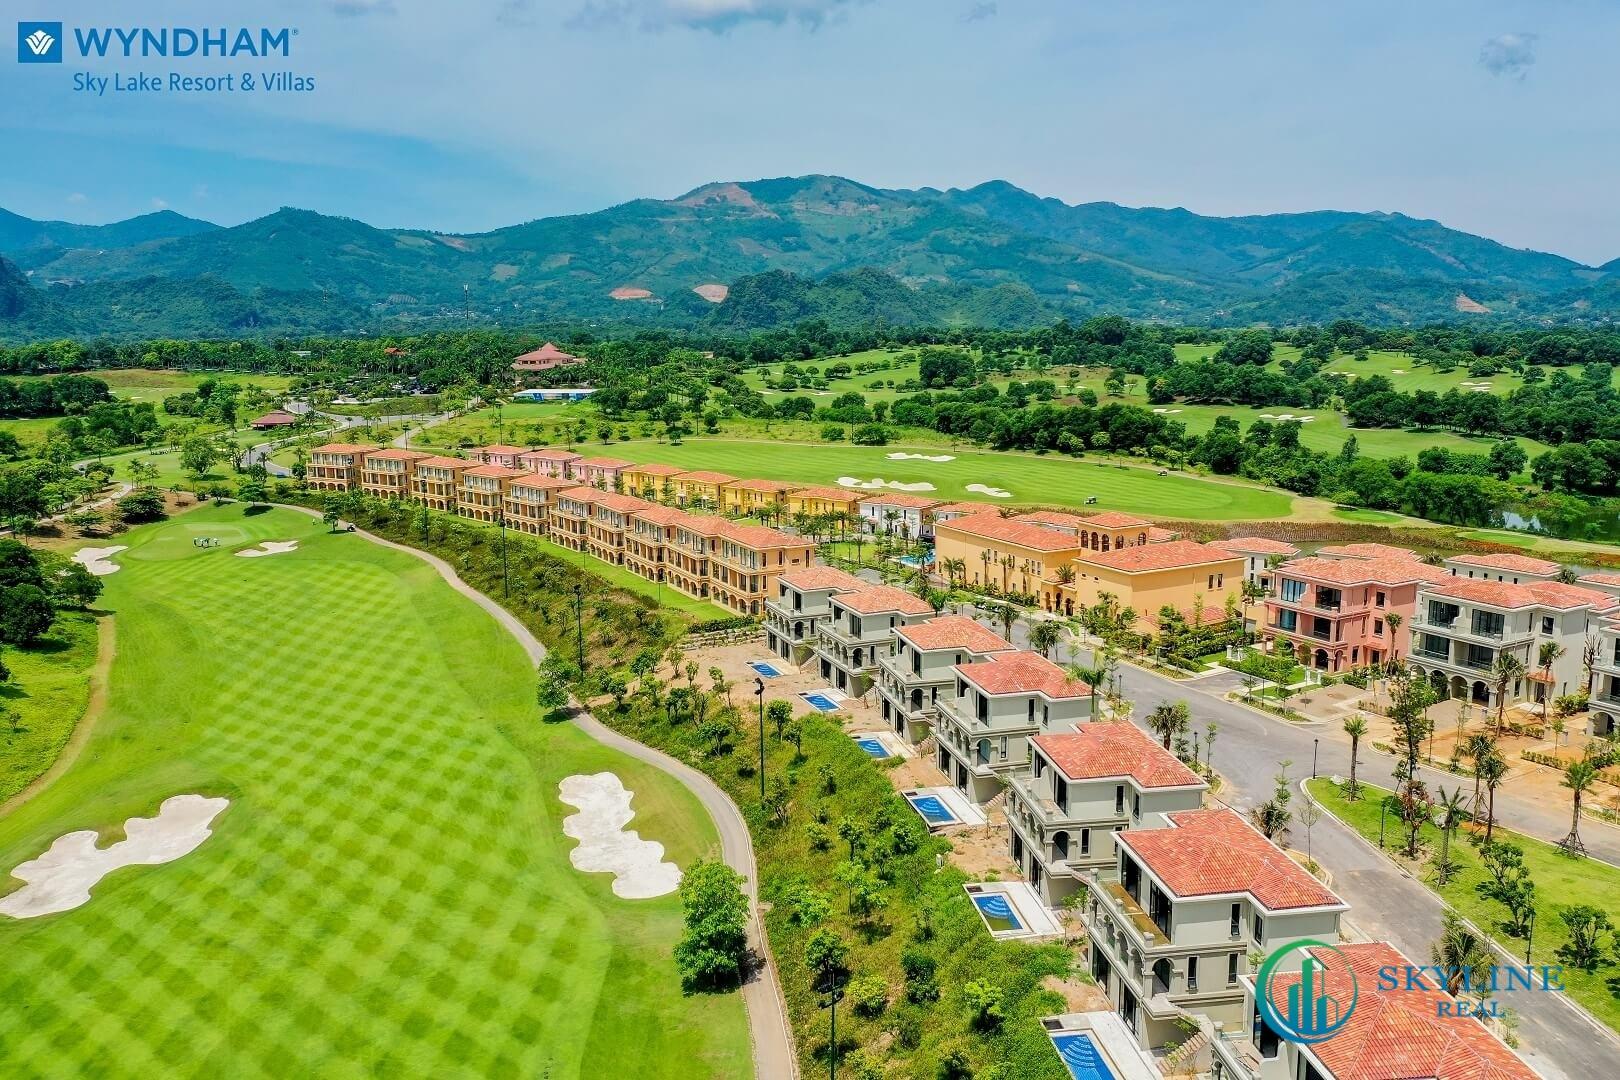 Những căn biệt thự theo phong cách Địa Trung Hải tại Wyndham Sky Lake Resort & Villas